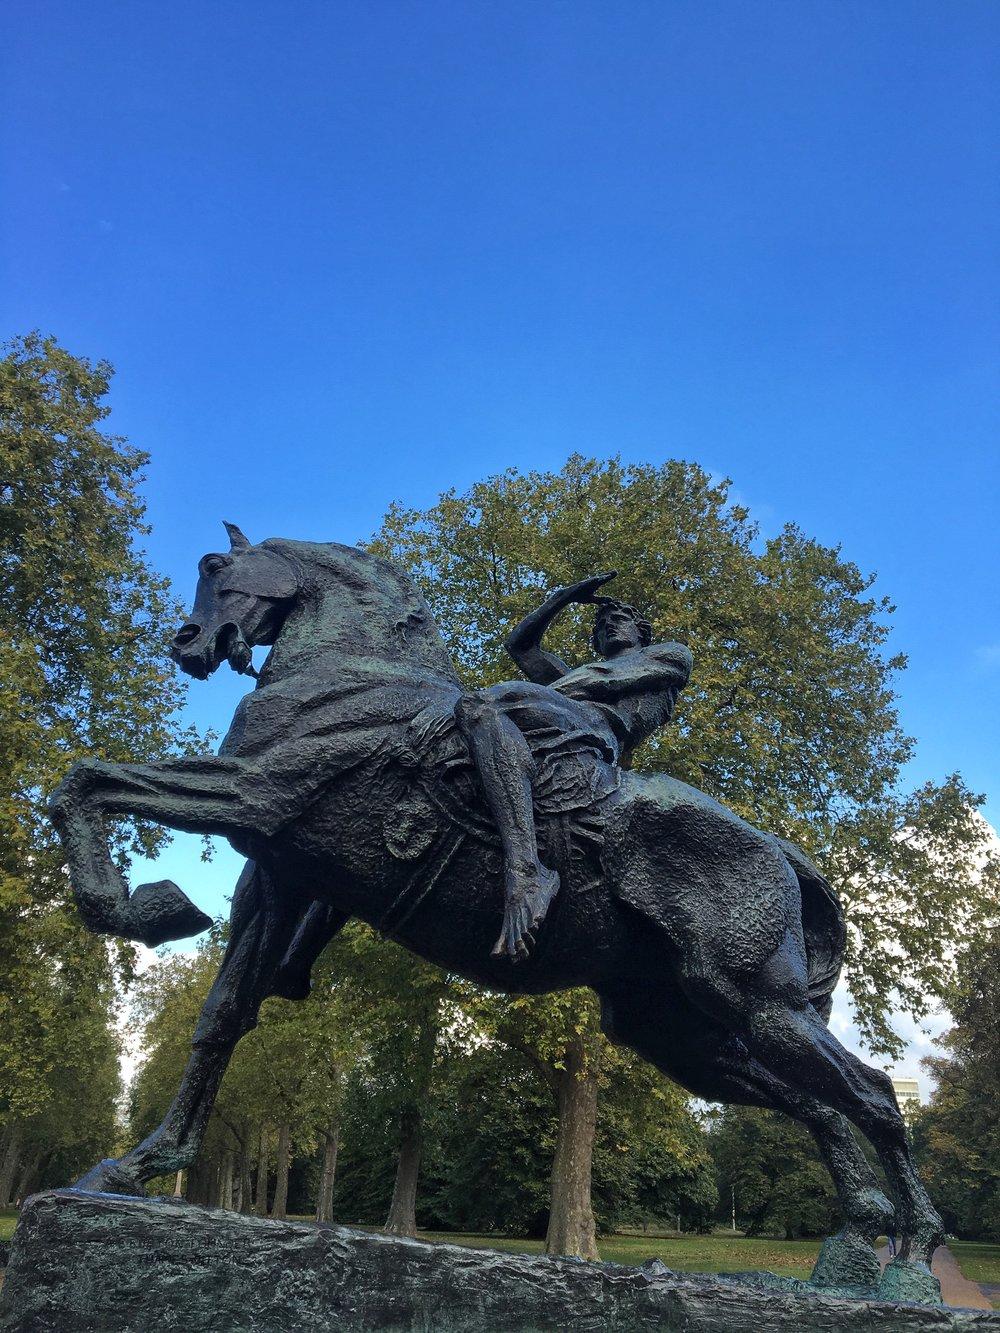 More Kensington Gardens